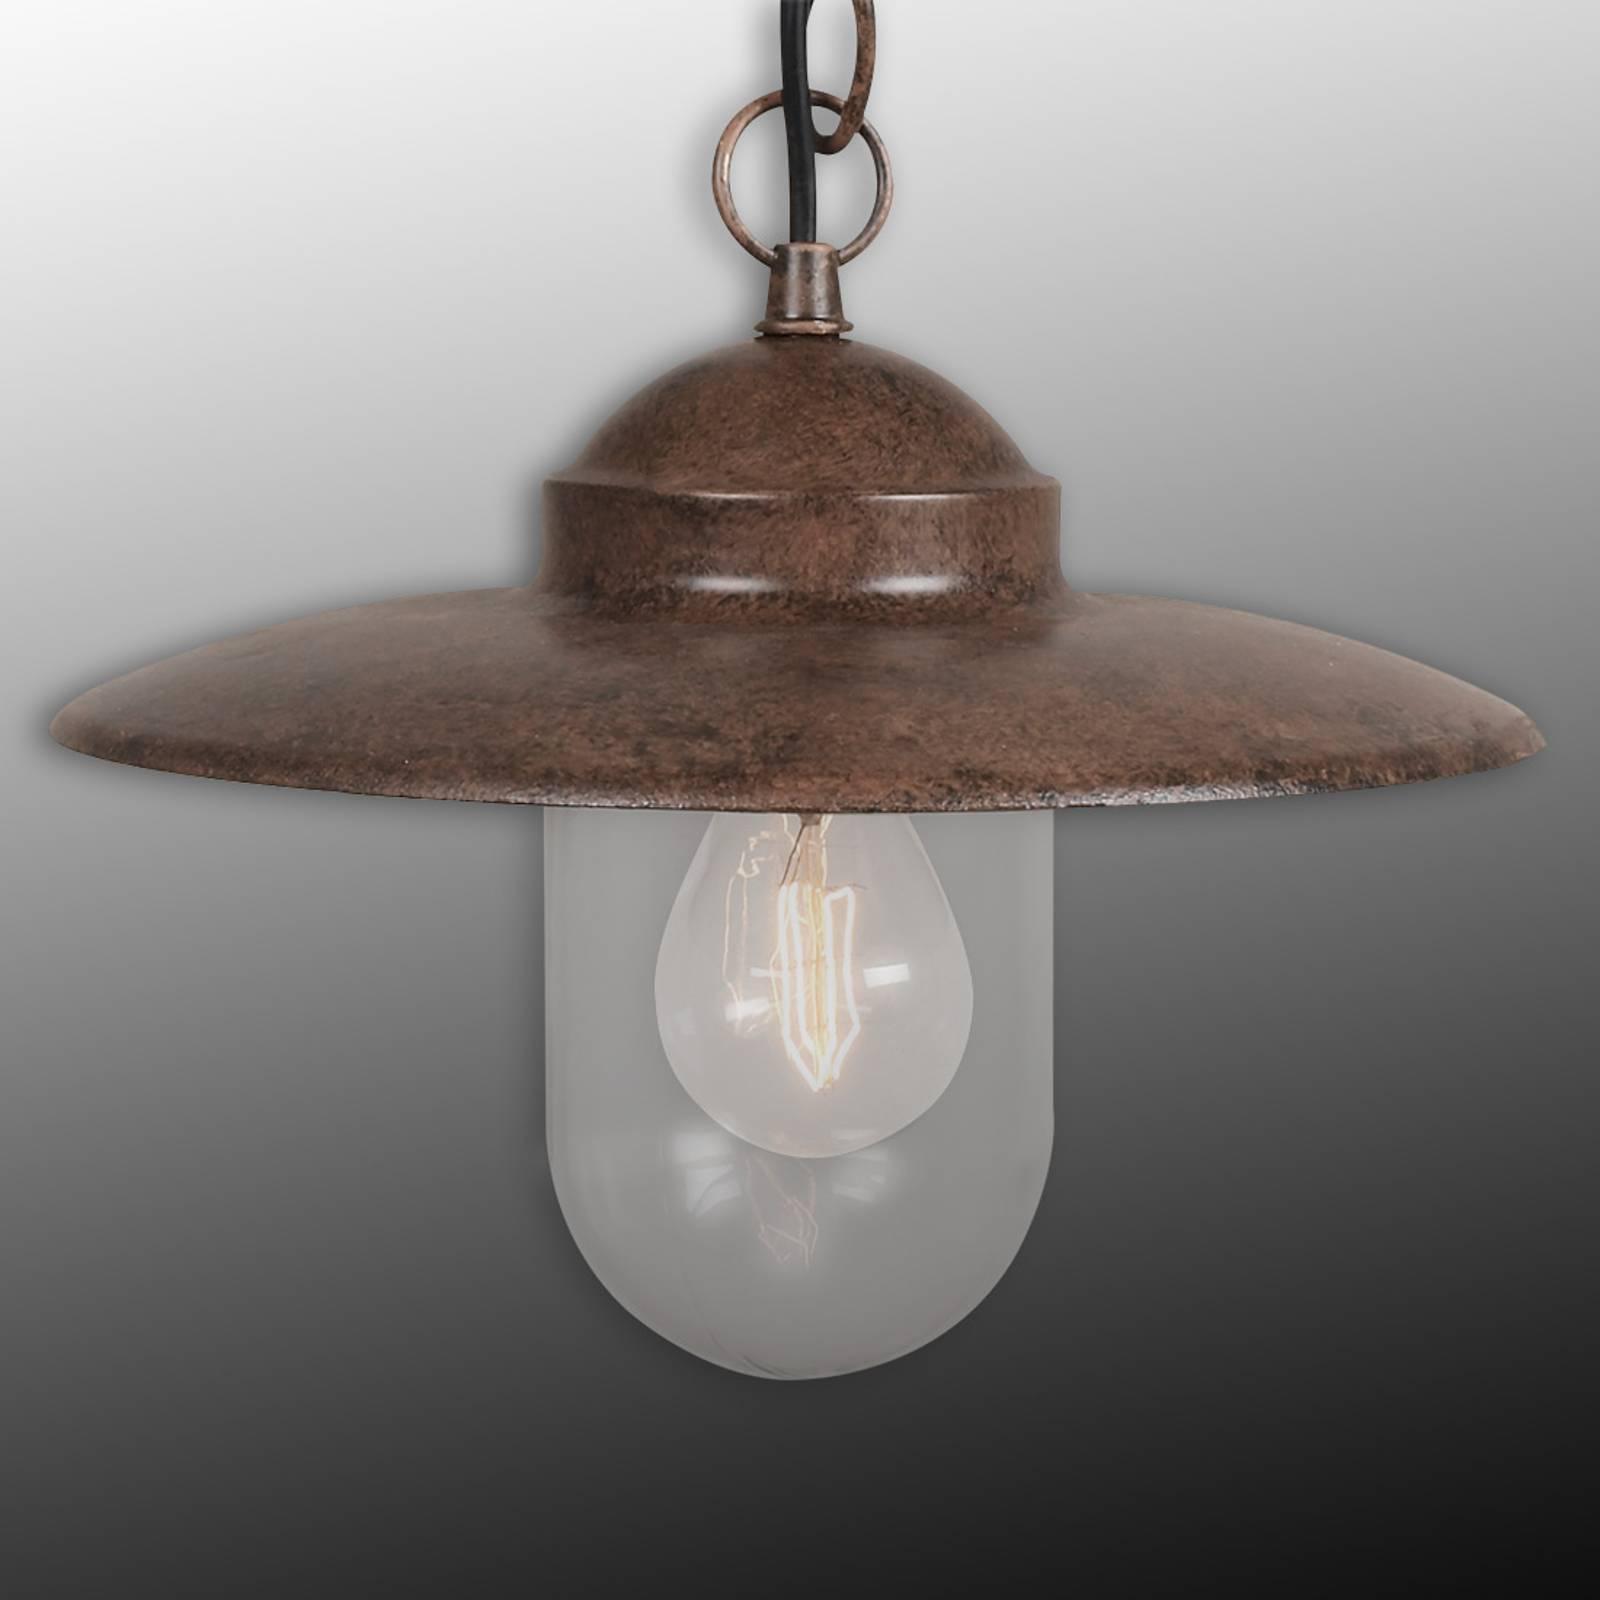 Billede af Luxembourg hængelampe IP 23